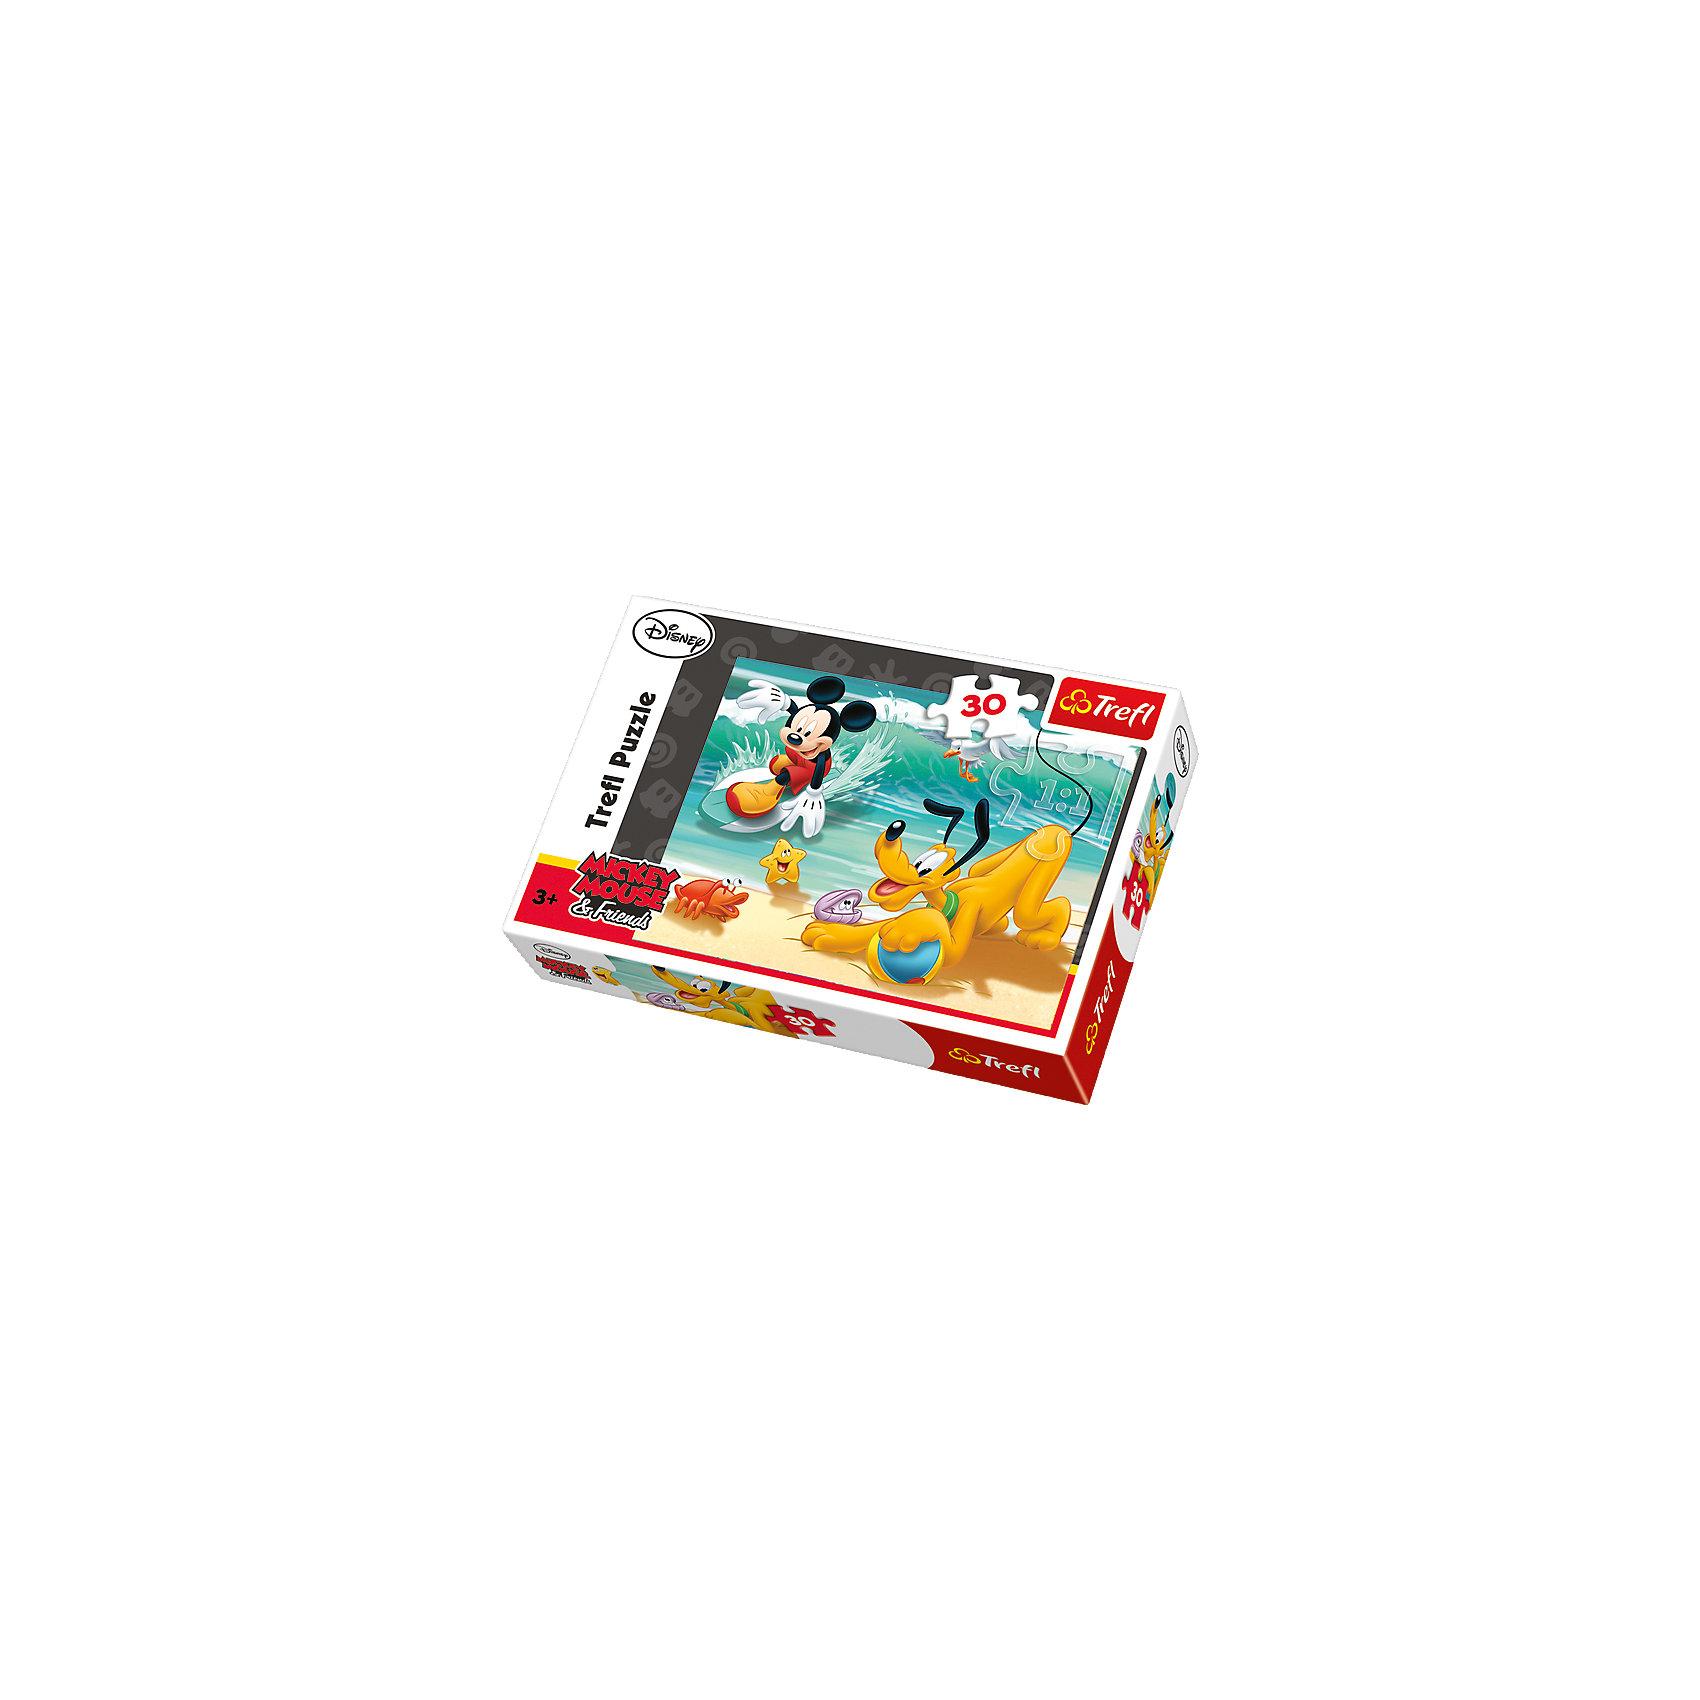 Микки и Плуто на пляже, 30 элементов, TreflПазлы для малышей<br>Забавная история о псе Микки Мауса по кличке Плуто изображена на ярком пазле Микки и Плуто на пляже. Необыкновенные приключения собаки и его друзей обязательно привлекут маленьких мечтателей. Плуто и Микки веселятся и играют с яркими морскими обитателями. Что за этим стоит, просто веселая игра или хитрый план Плуто, который во время секретных заданий становится настоящим псом-ищейкой, остается придумать самим малышам во время складывание пазла. Красочная картинка не только порадует Вашего малыша, но и обязательно принесет пользу для развития внимания, памяти, а также мелкой моторики рук. <br>Детали выполнены из качественного картона. Картинка состоит из 30 элементов. <br>Рекомендуемый возраст: от 3 лет.<br><br>Ширина мм: 215<br>Глубина мм: 146<br>Высота мм: 40<br>Вес г: 177<br>Возраст от месяцев: 48<br>Возраст до месяцев: 72<br>Пол: Унисекс<br>Возраст: Детский<br>Количество деталей: 30<br>SKU: 4635299